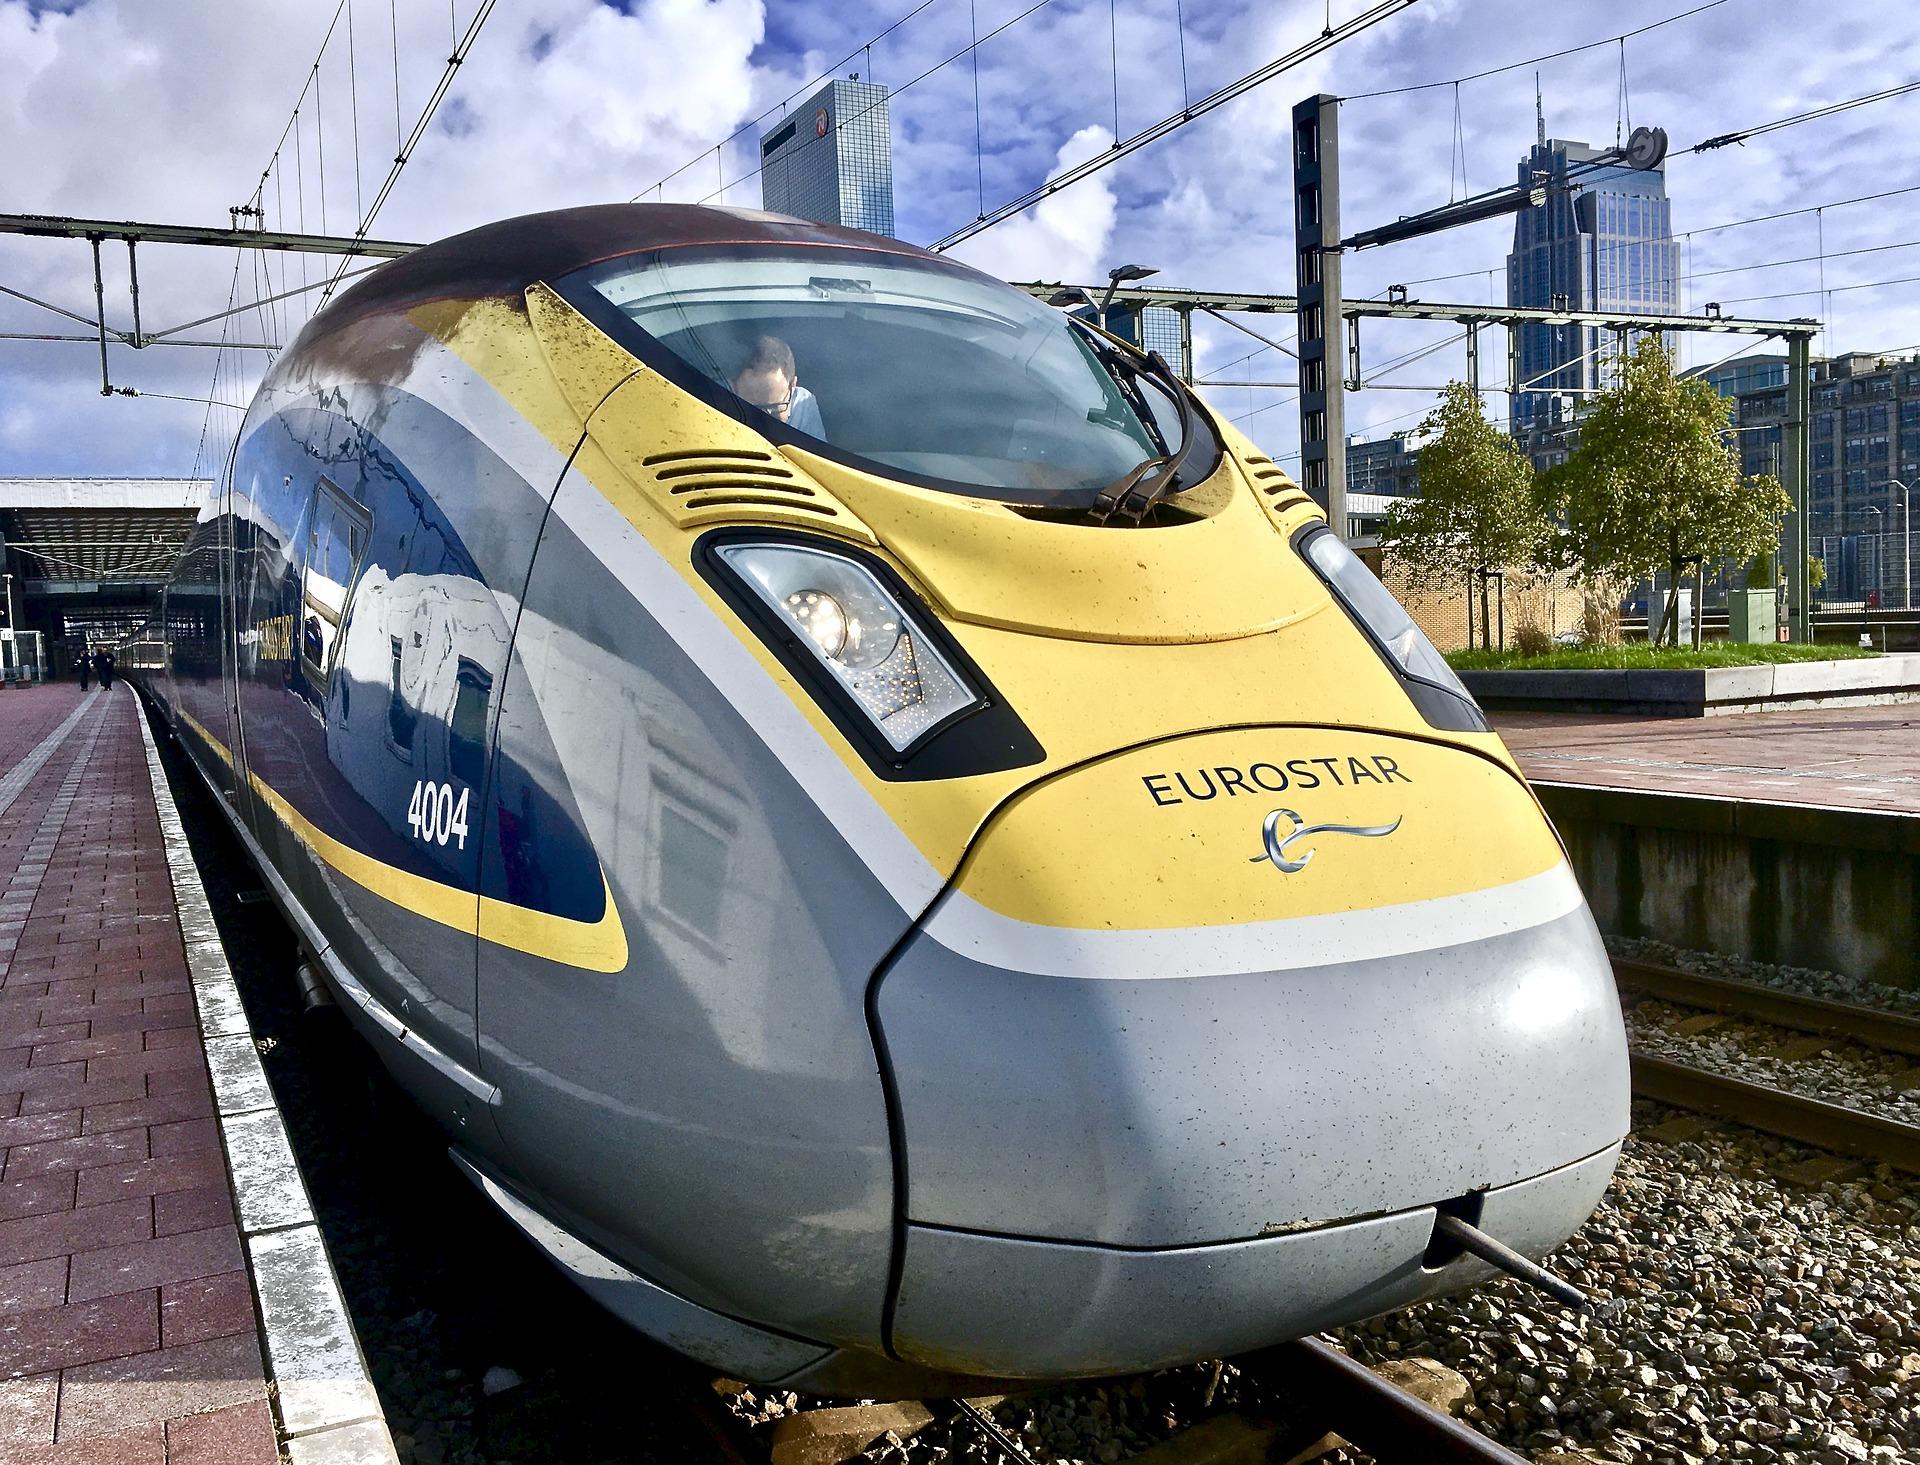 Beveiliging hogesnelheidstrein Eurostar on track